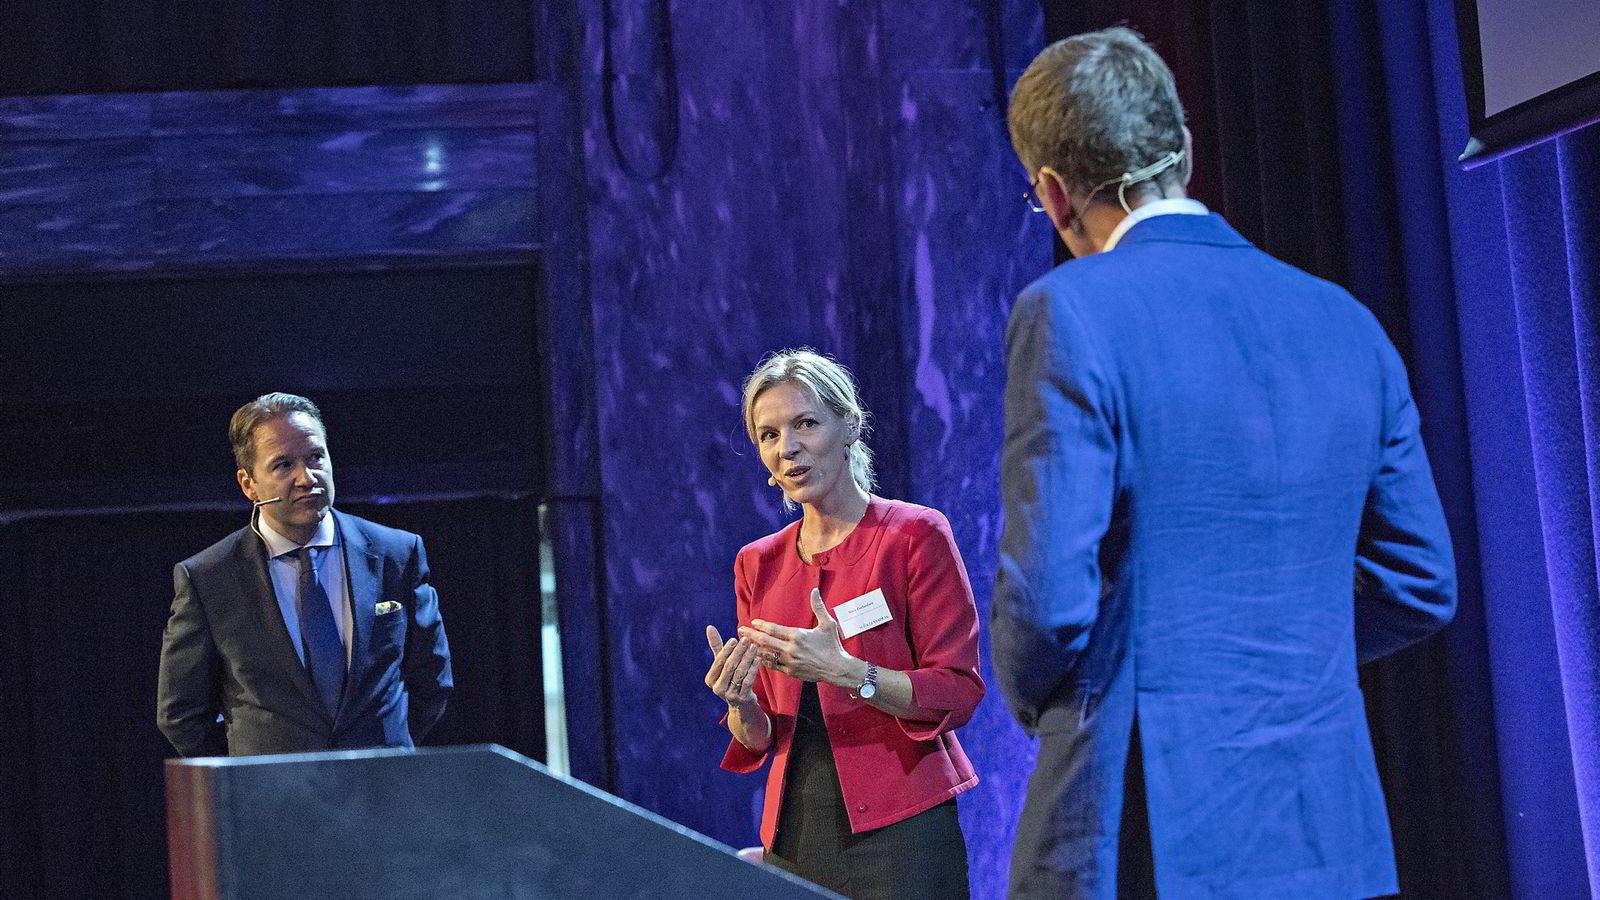 Paneldebatt med Lars Erik Grønntun (CEO i Hill+Knowlton EMEA) og Marte Gerhardsen (leder av Agenda). Foto: Aleksander Nordahl